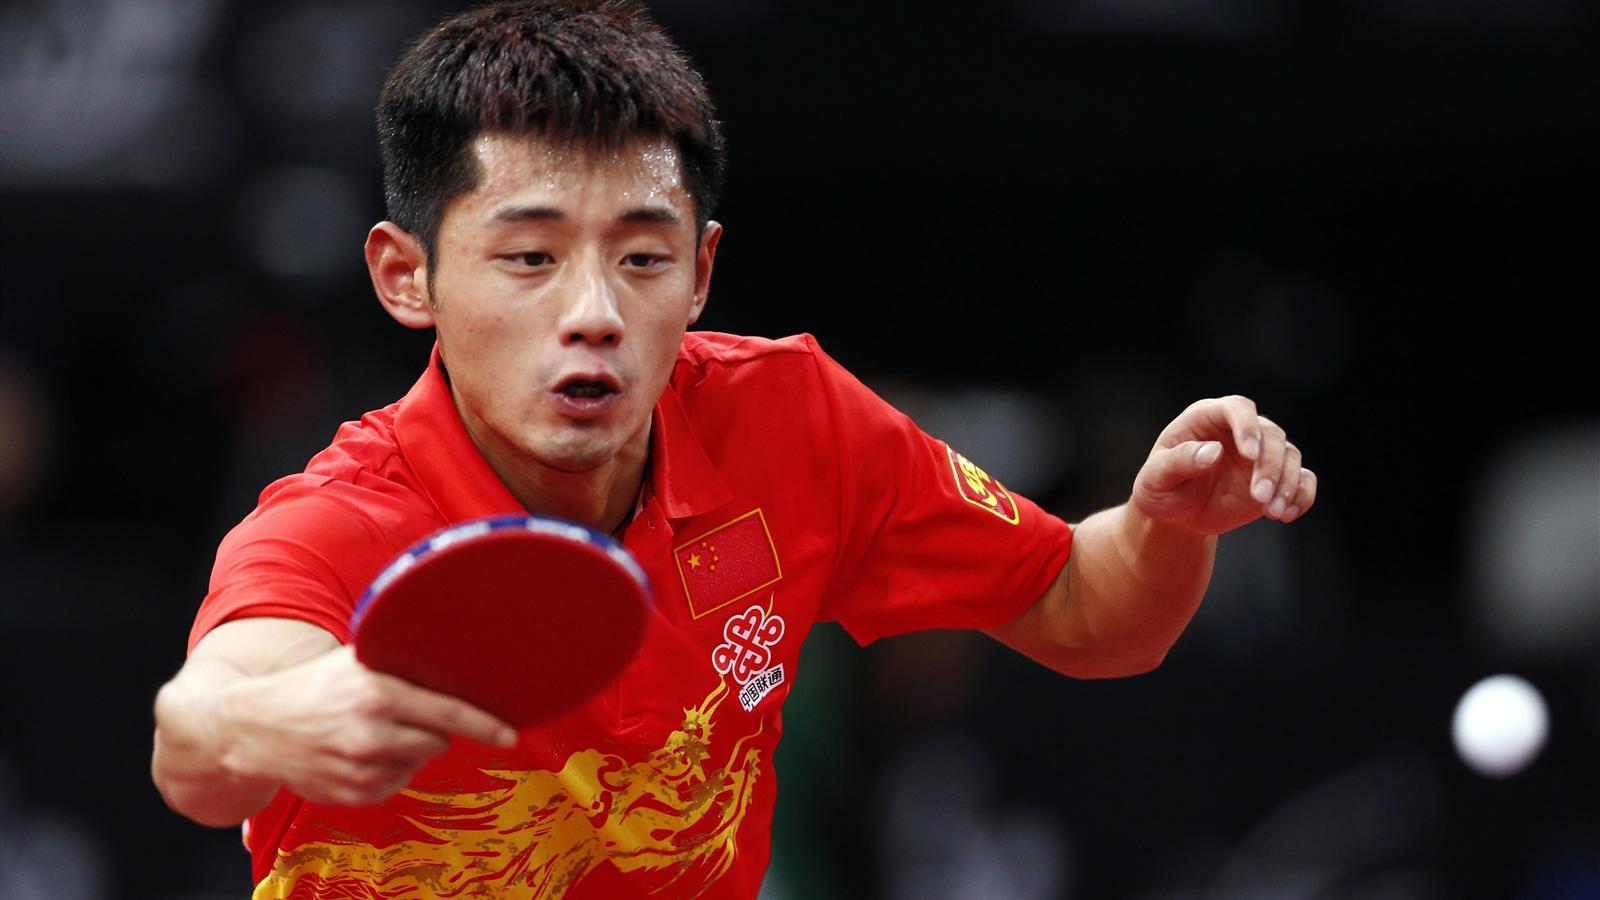 Zhang Jike Wins World Title to